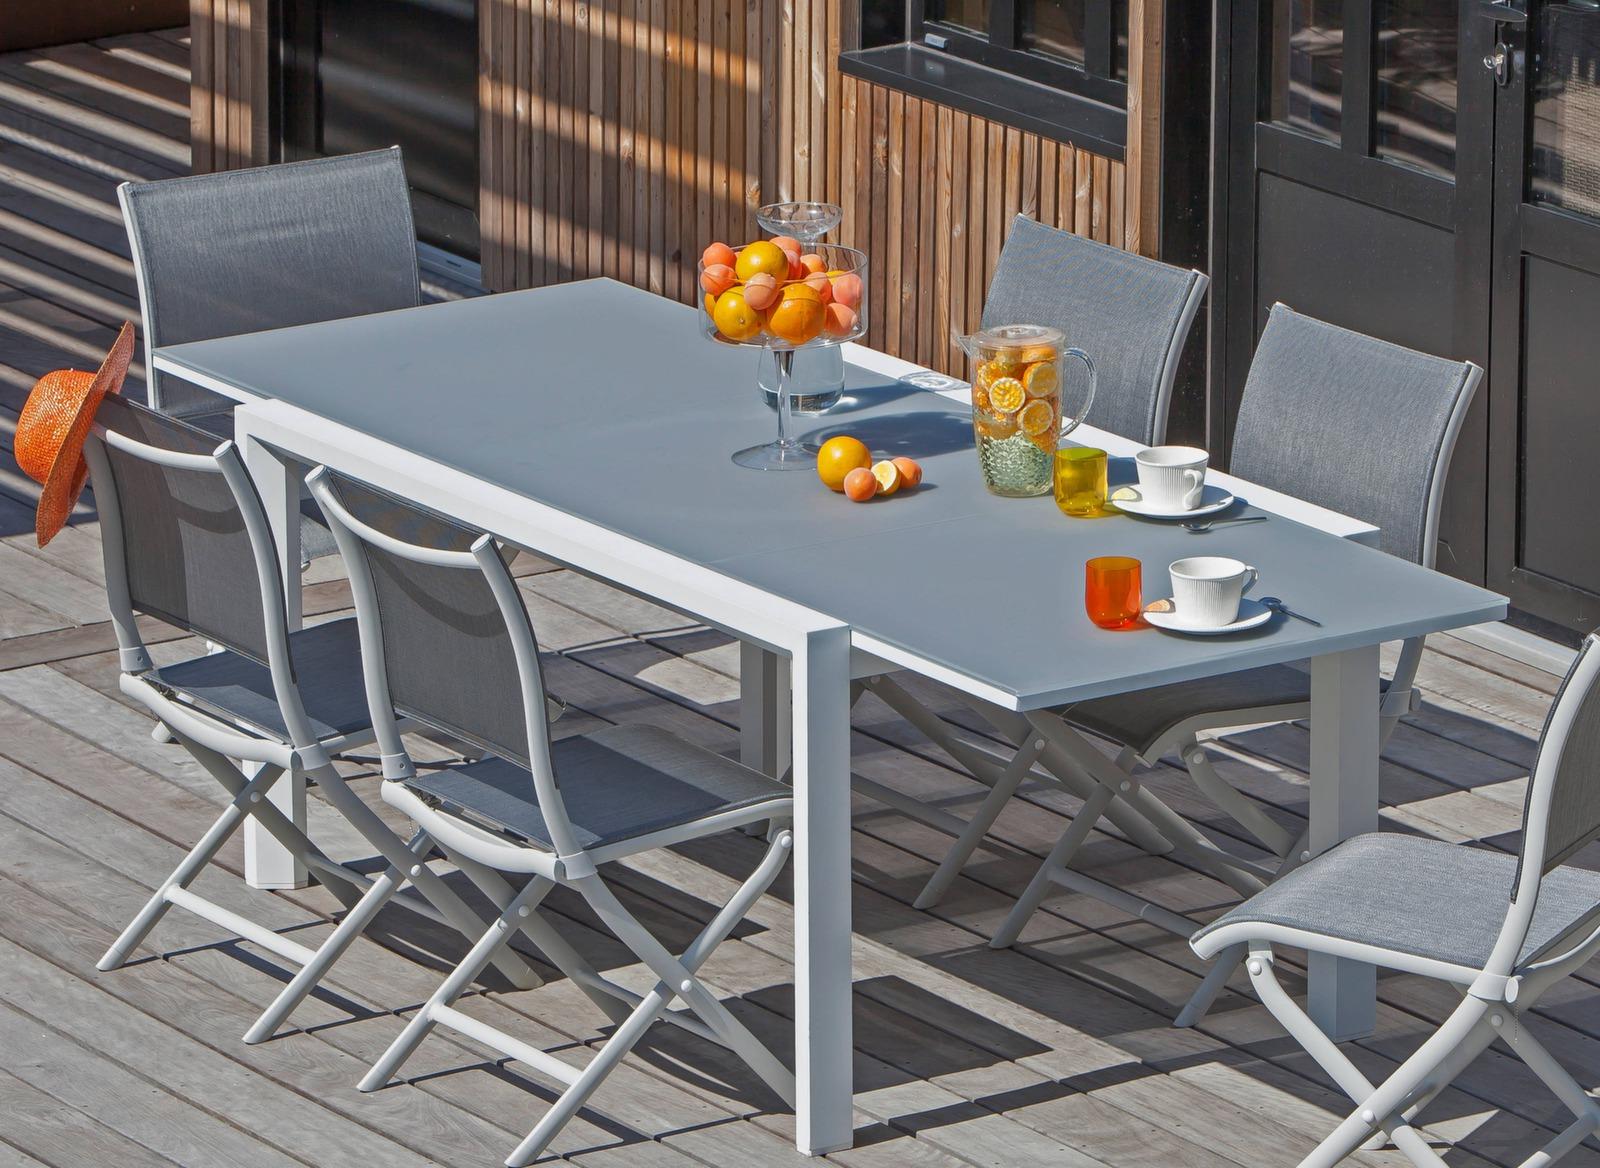 Table Juan 160/240cm - Table repas mobilier de jardin - Proloisirs